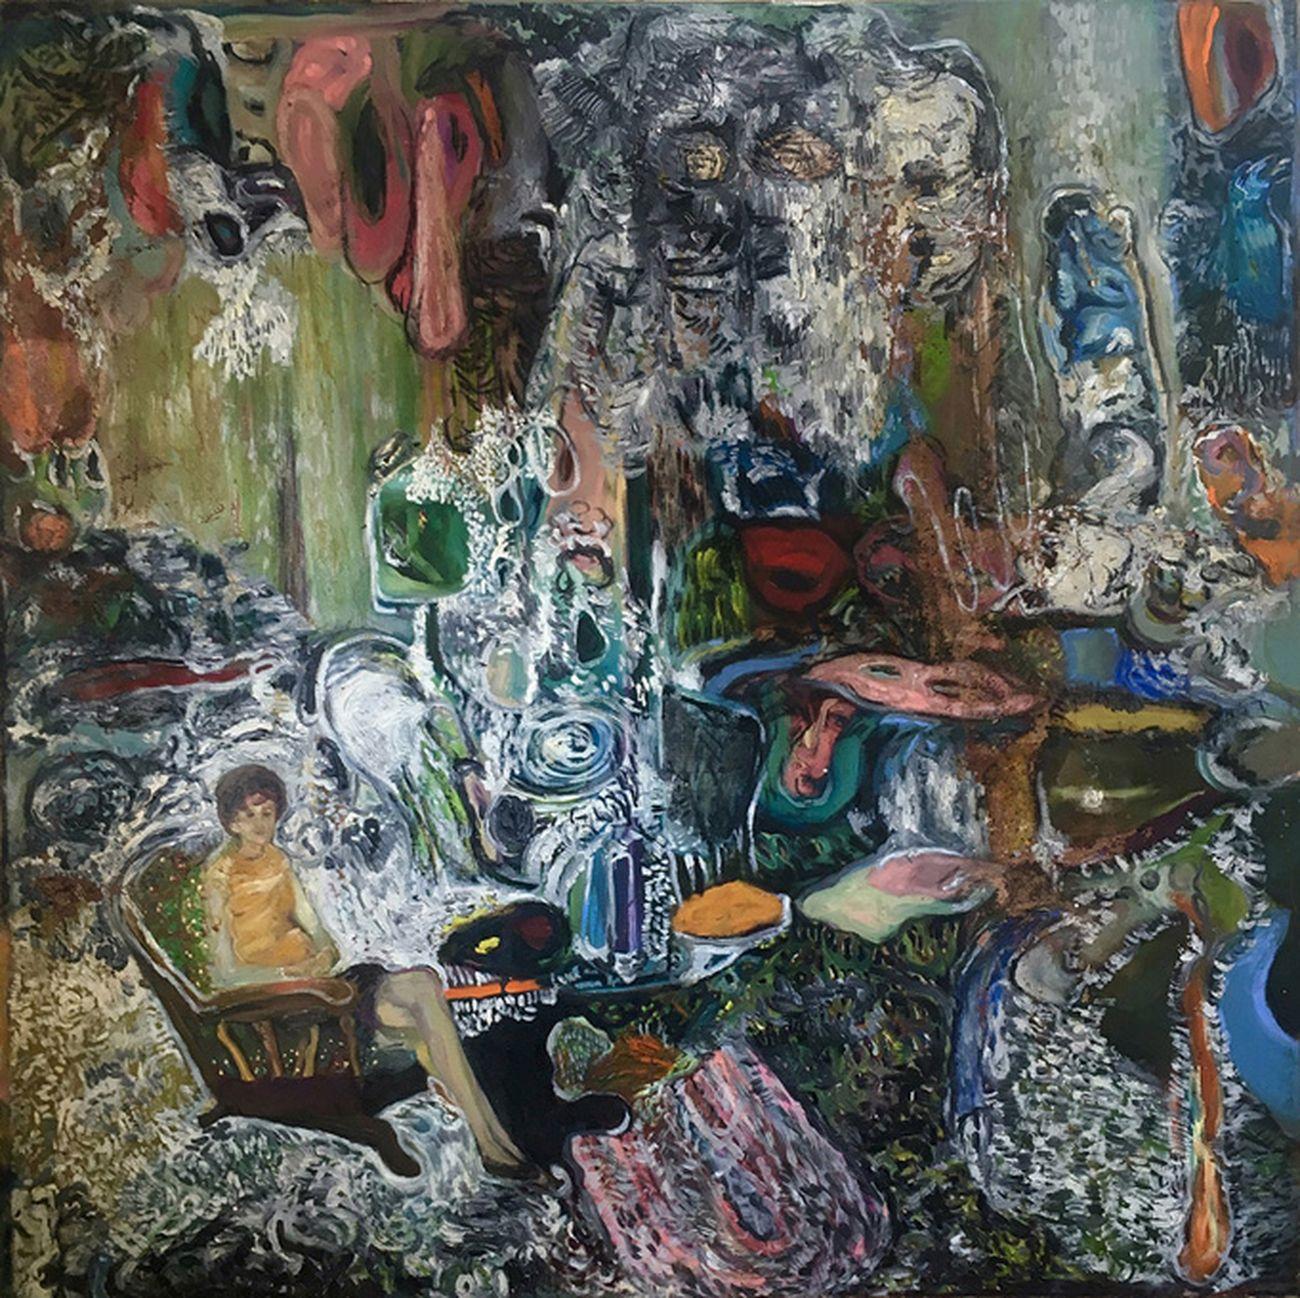 Paola Angelini, Il dipinto che ha salvato mio padre, 2016